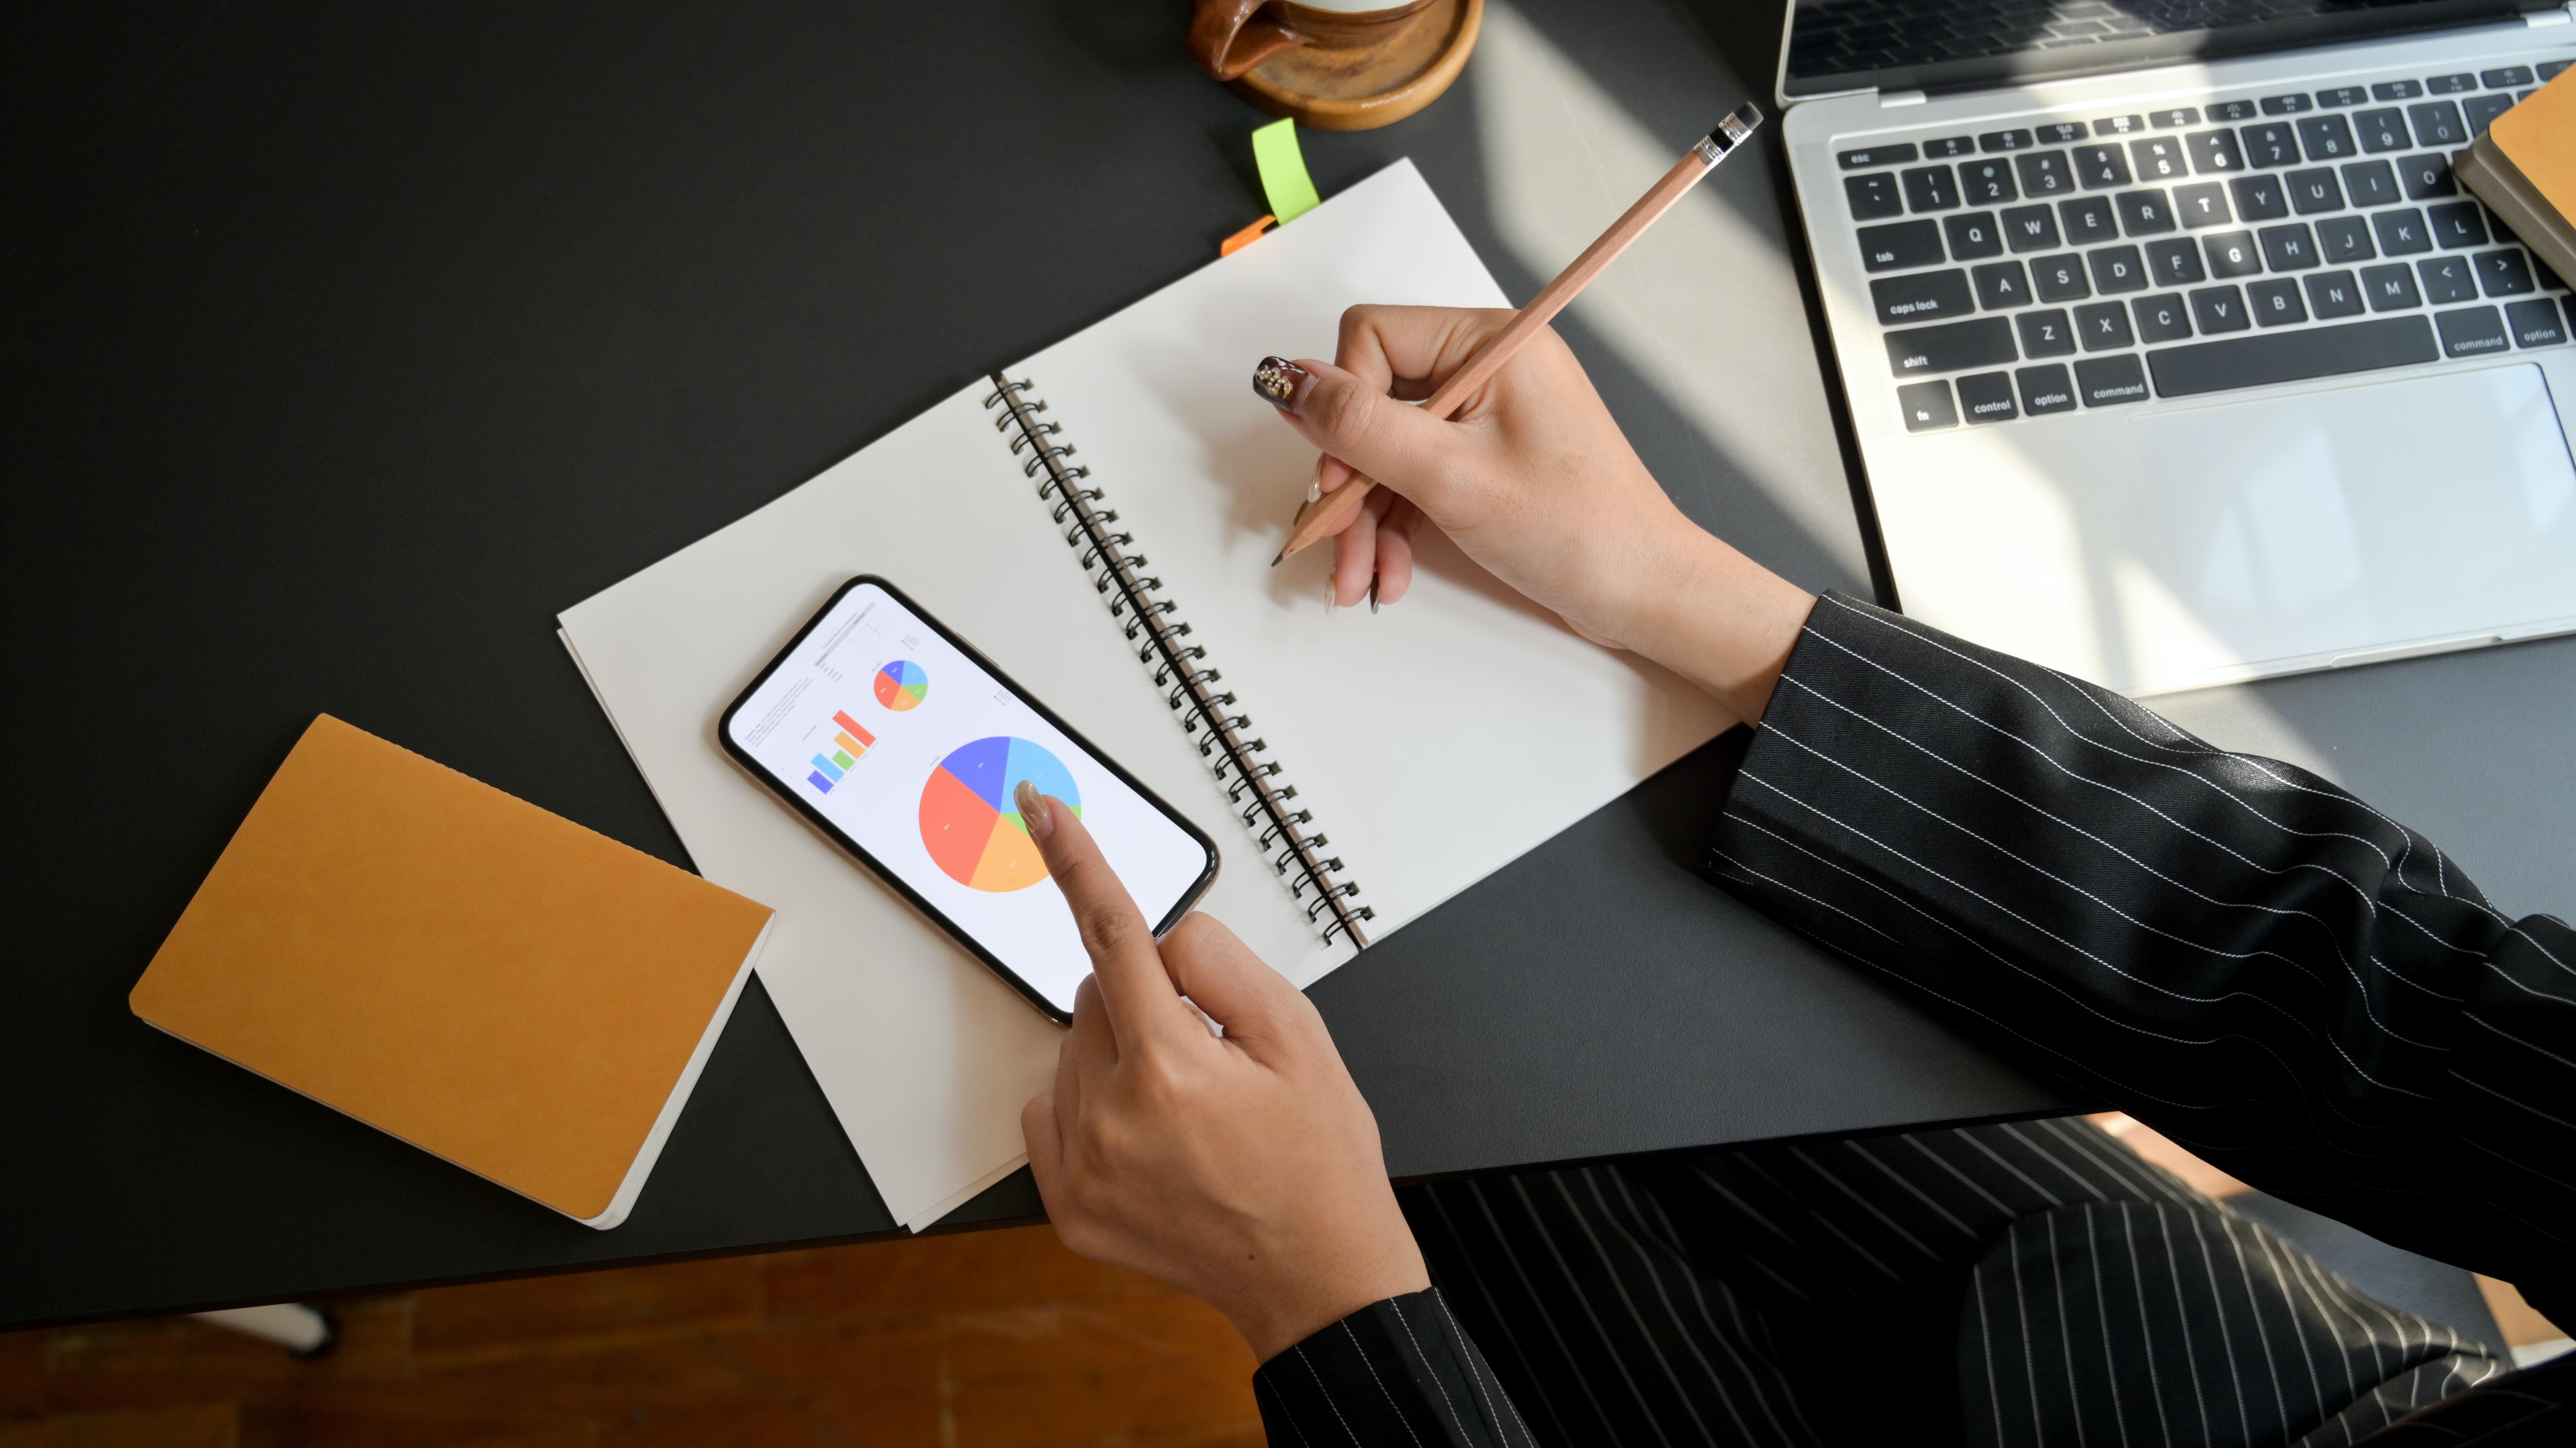 Интернет-маркетолог — KPI, задачи, функции и оценка достигнутых результатов работы